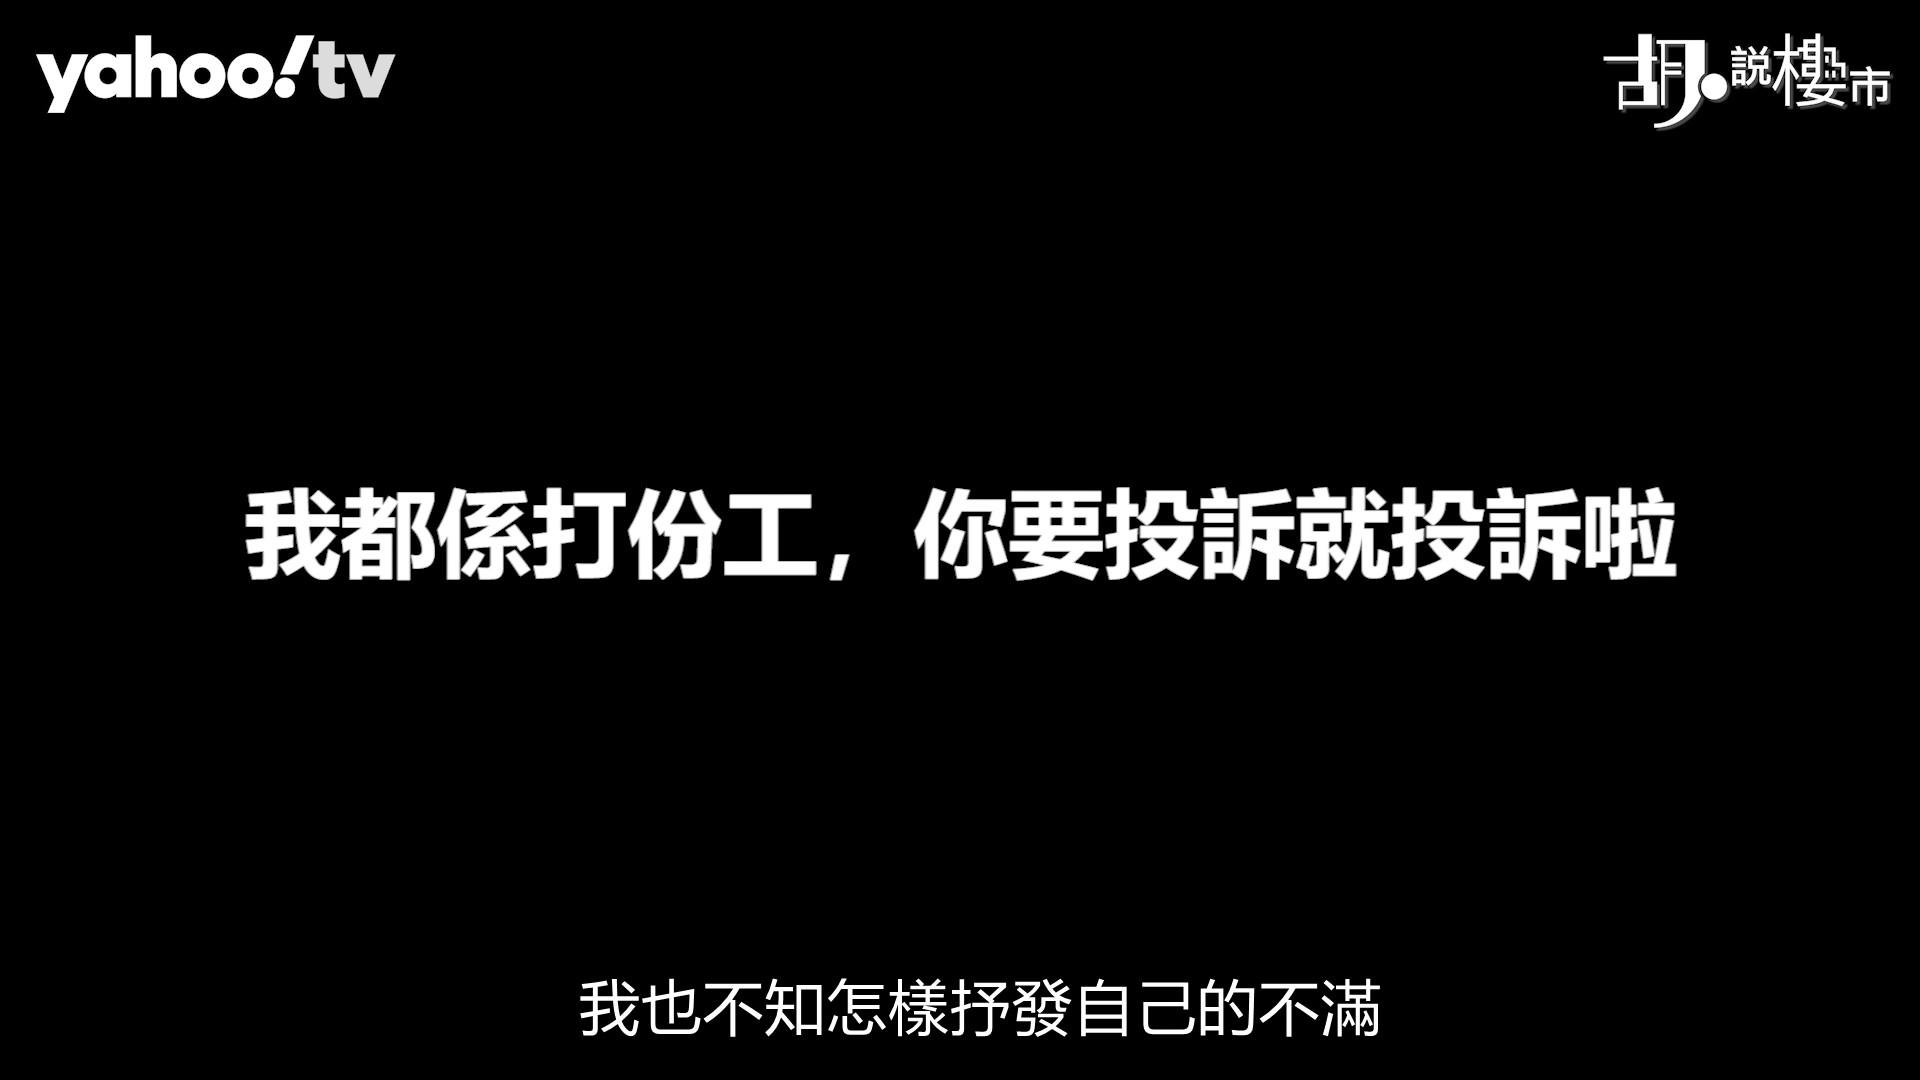 【胡.說樓市】交樓馬虎、執修賴皮!逸璟.龍灣業主有冤無路訴